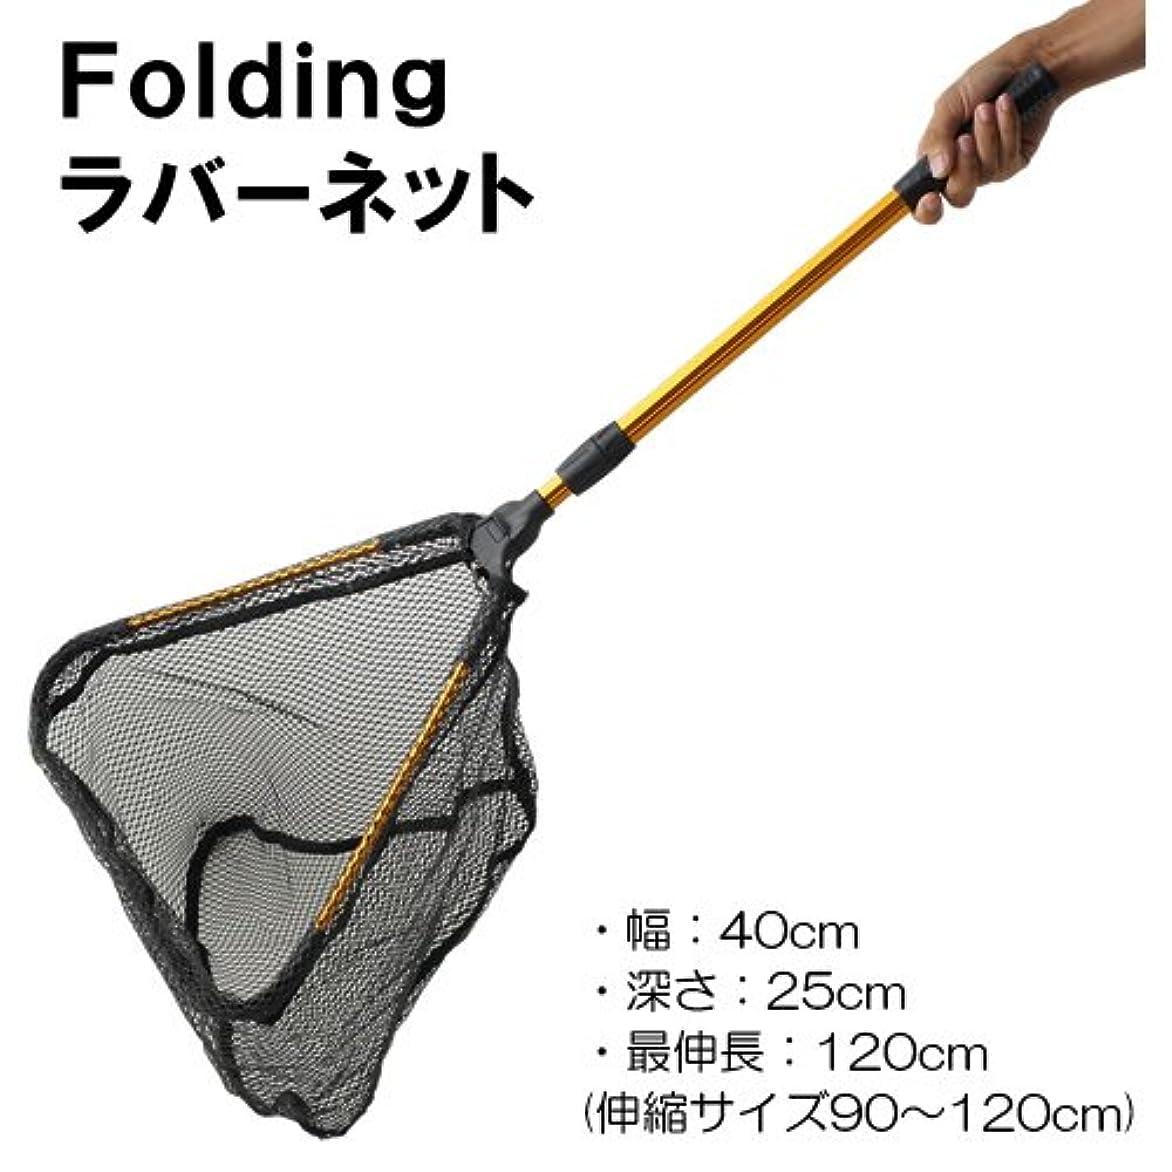 限定ポット薬Dragon(ドラゴン) FOLDING ラバーネット 収納袋付   1.2m